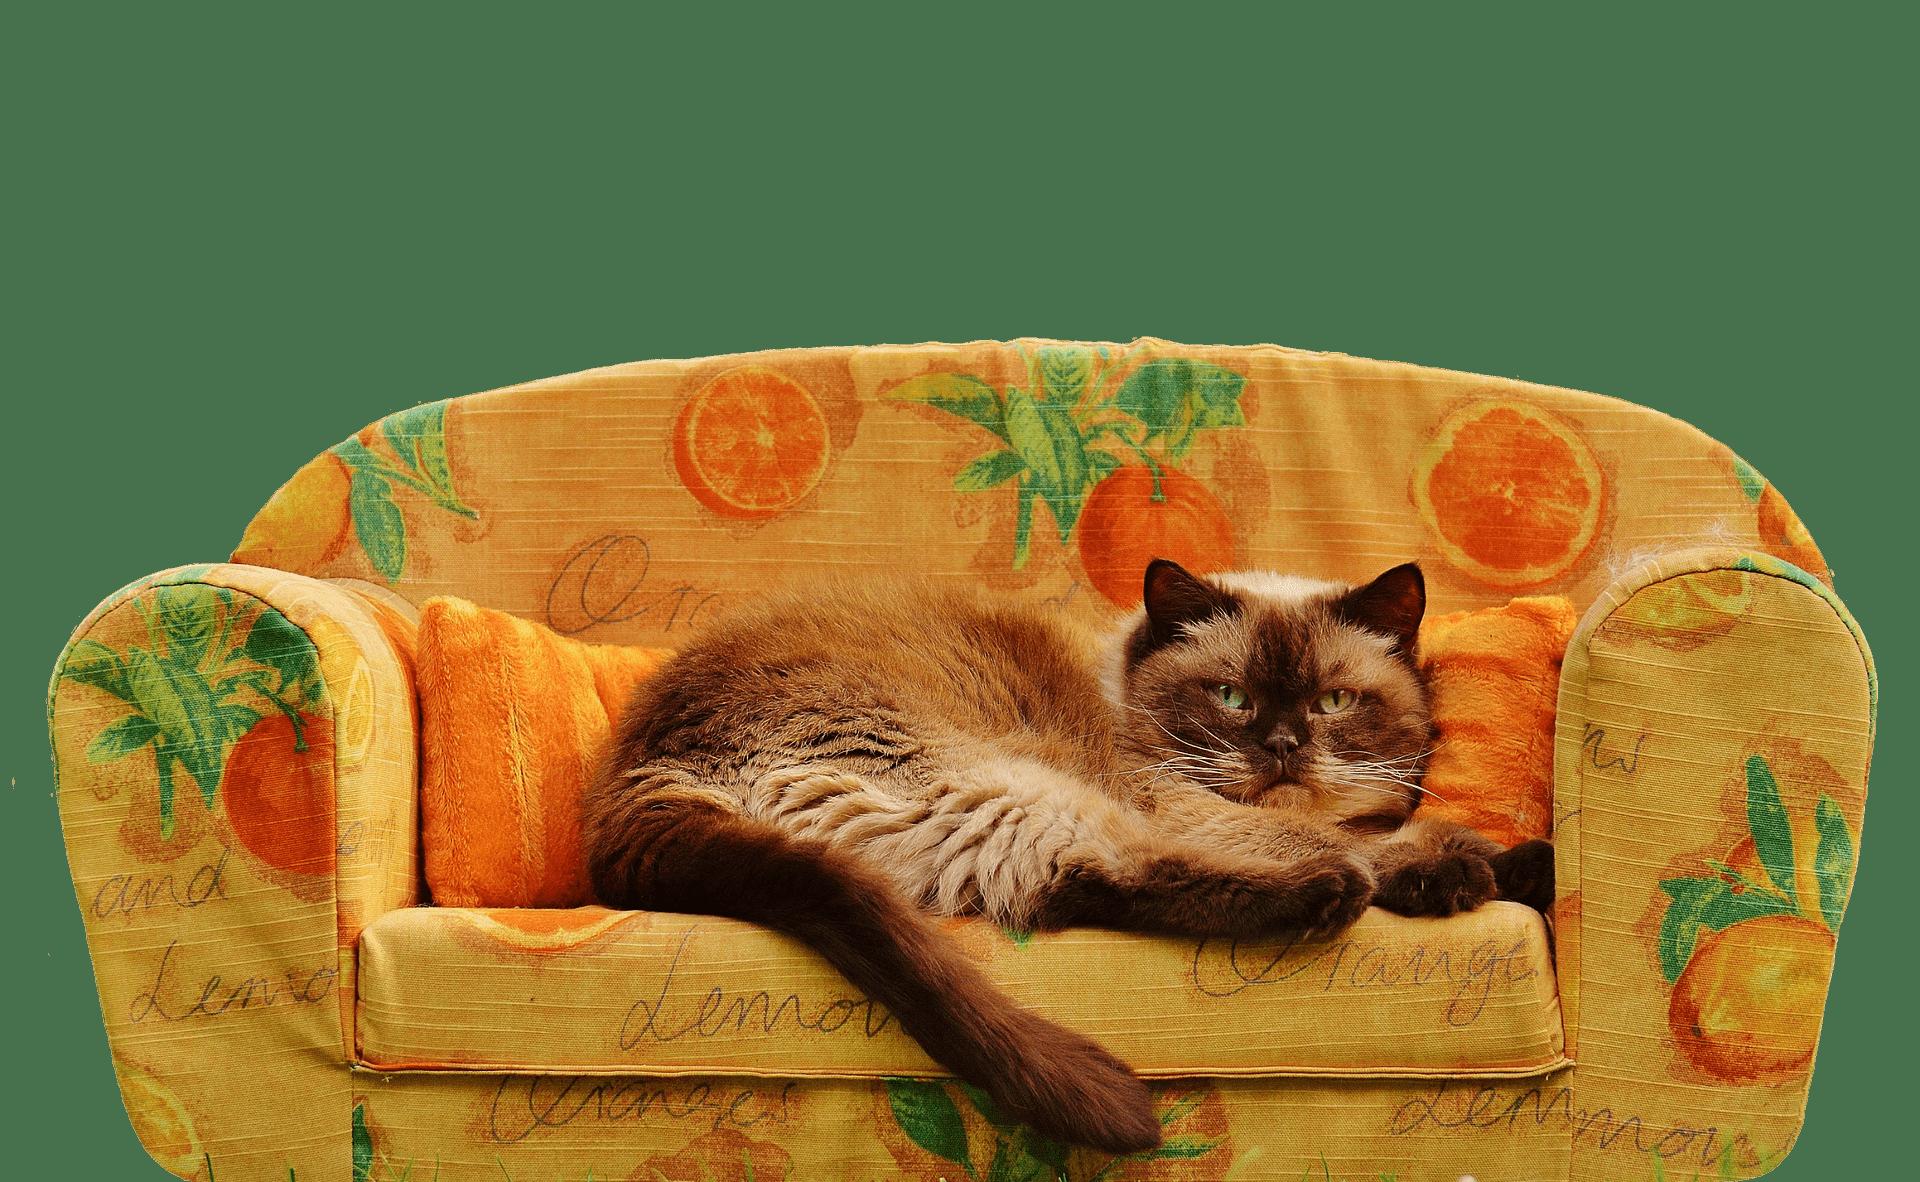 Katzenzucht kann ein profitables Geschäft sein, erfordert jedoch Leidenschaft, Engagement und einen umfassenden und verantwortungsvollen Ansatz.